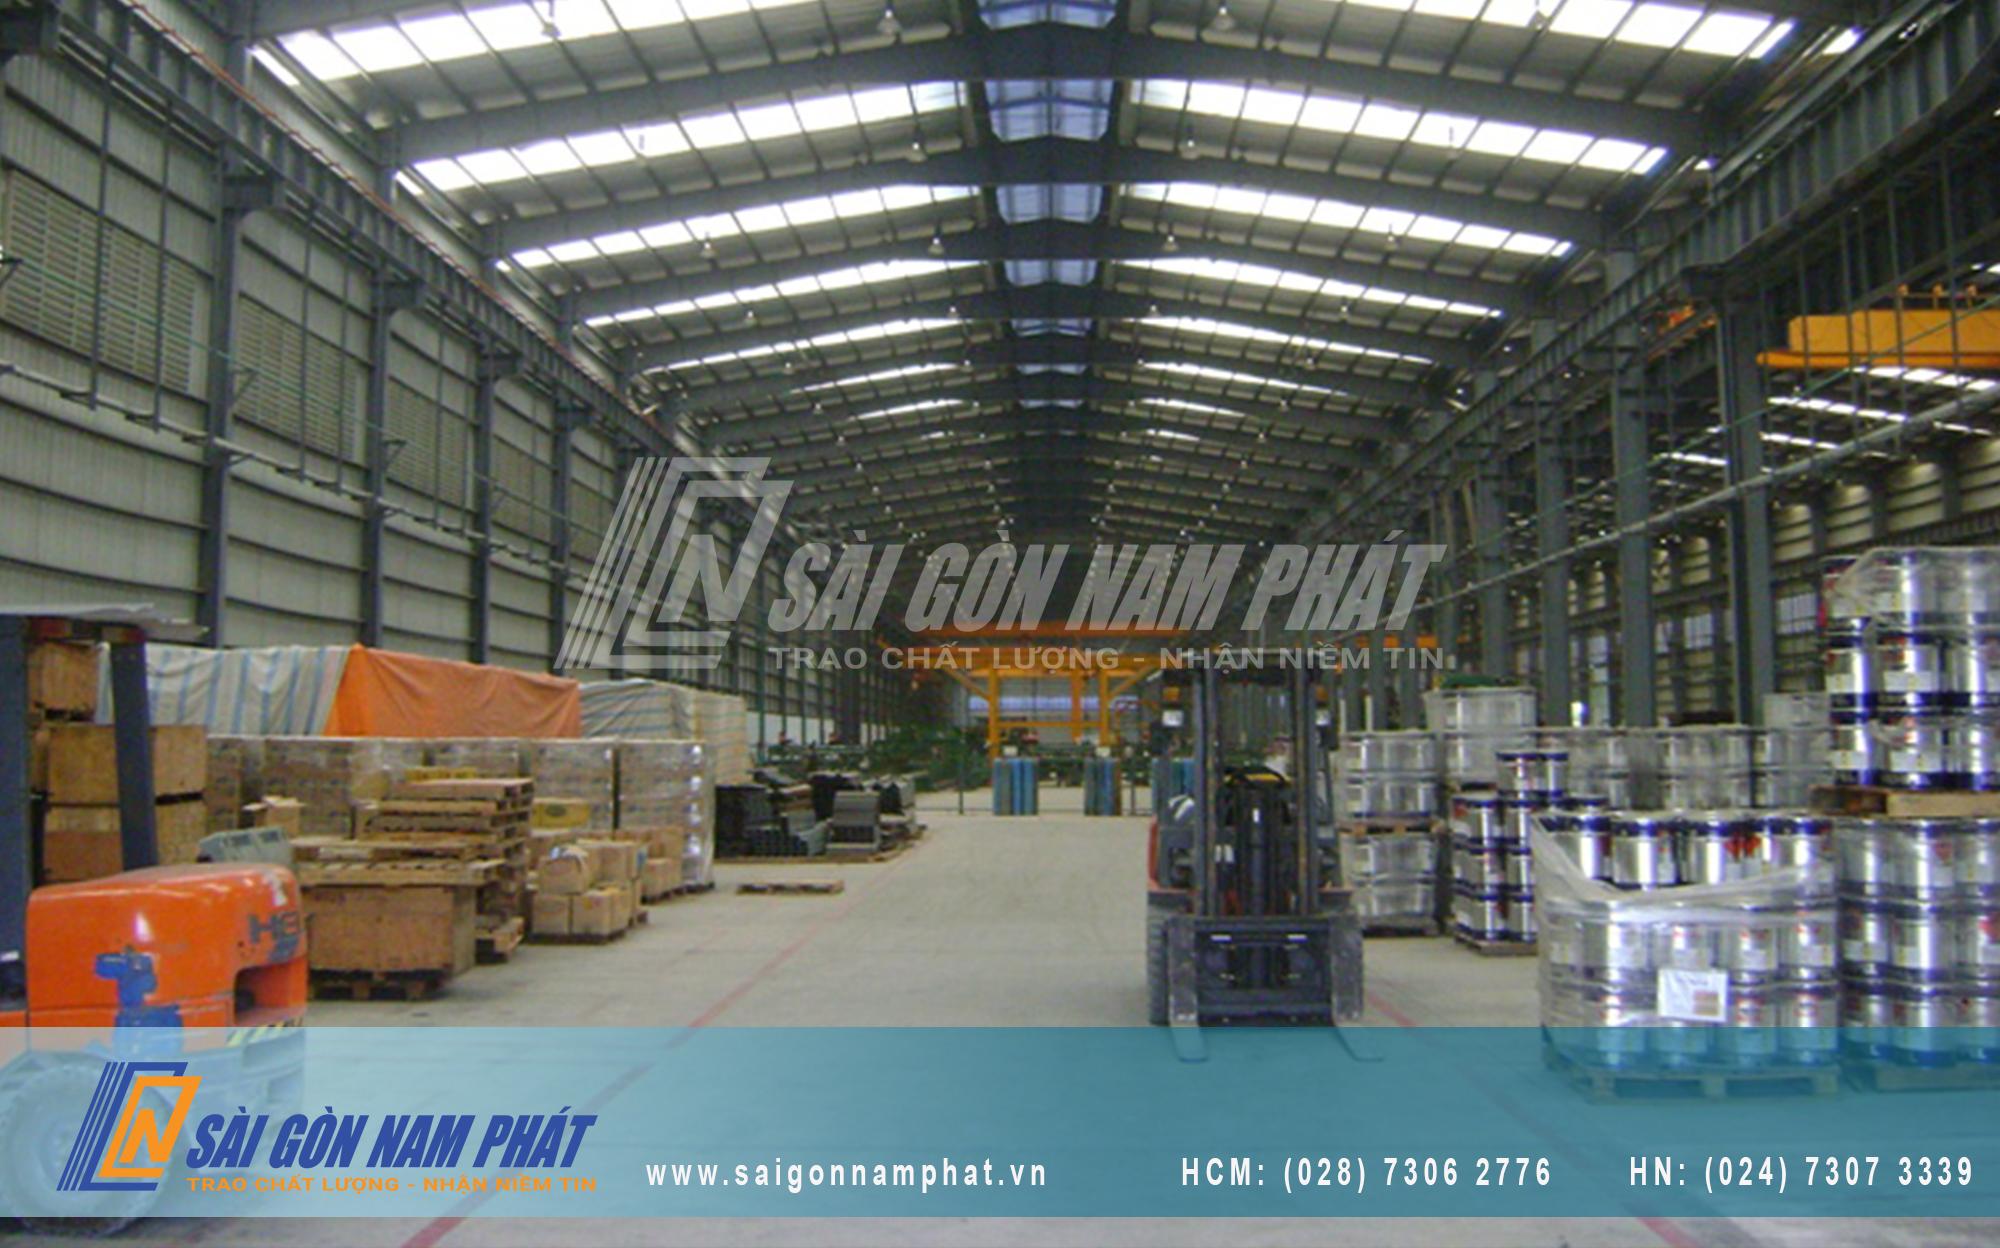 Giải pháp tối ưu kho vận cho kho xưởng và nhà máy